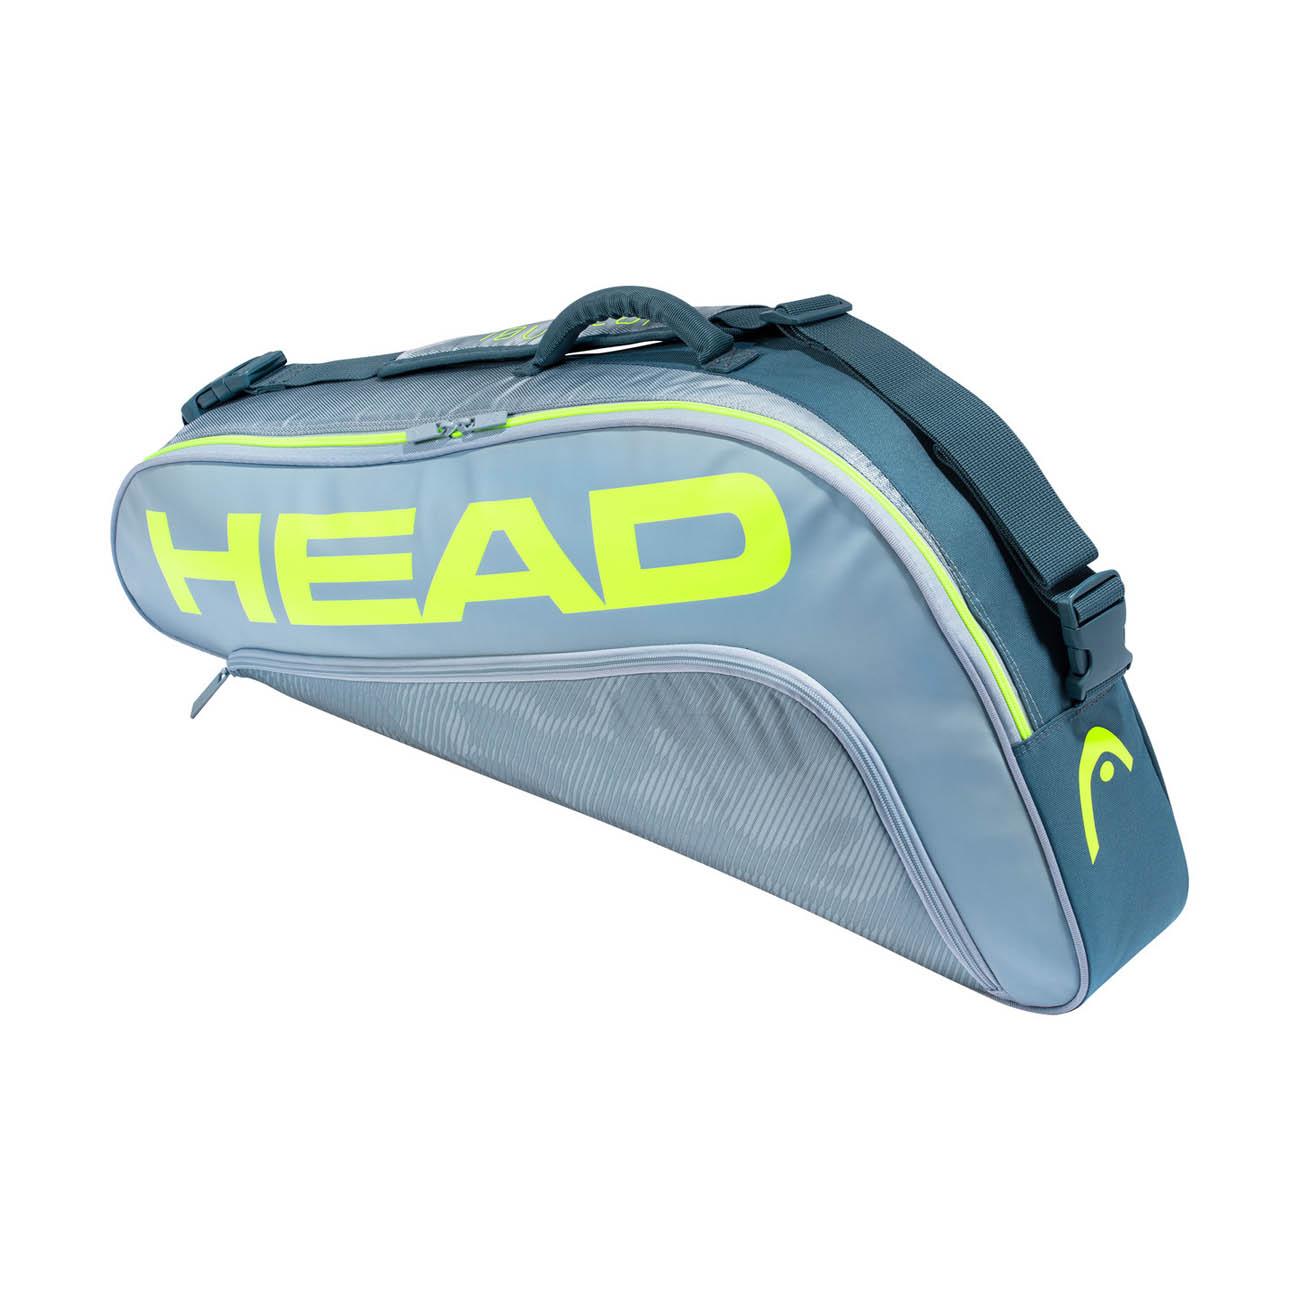 Head Tour Team Extreme 2020 x 3 Pro Bag - Grey/Neon Yellow